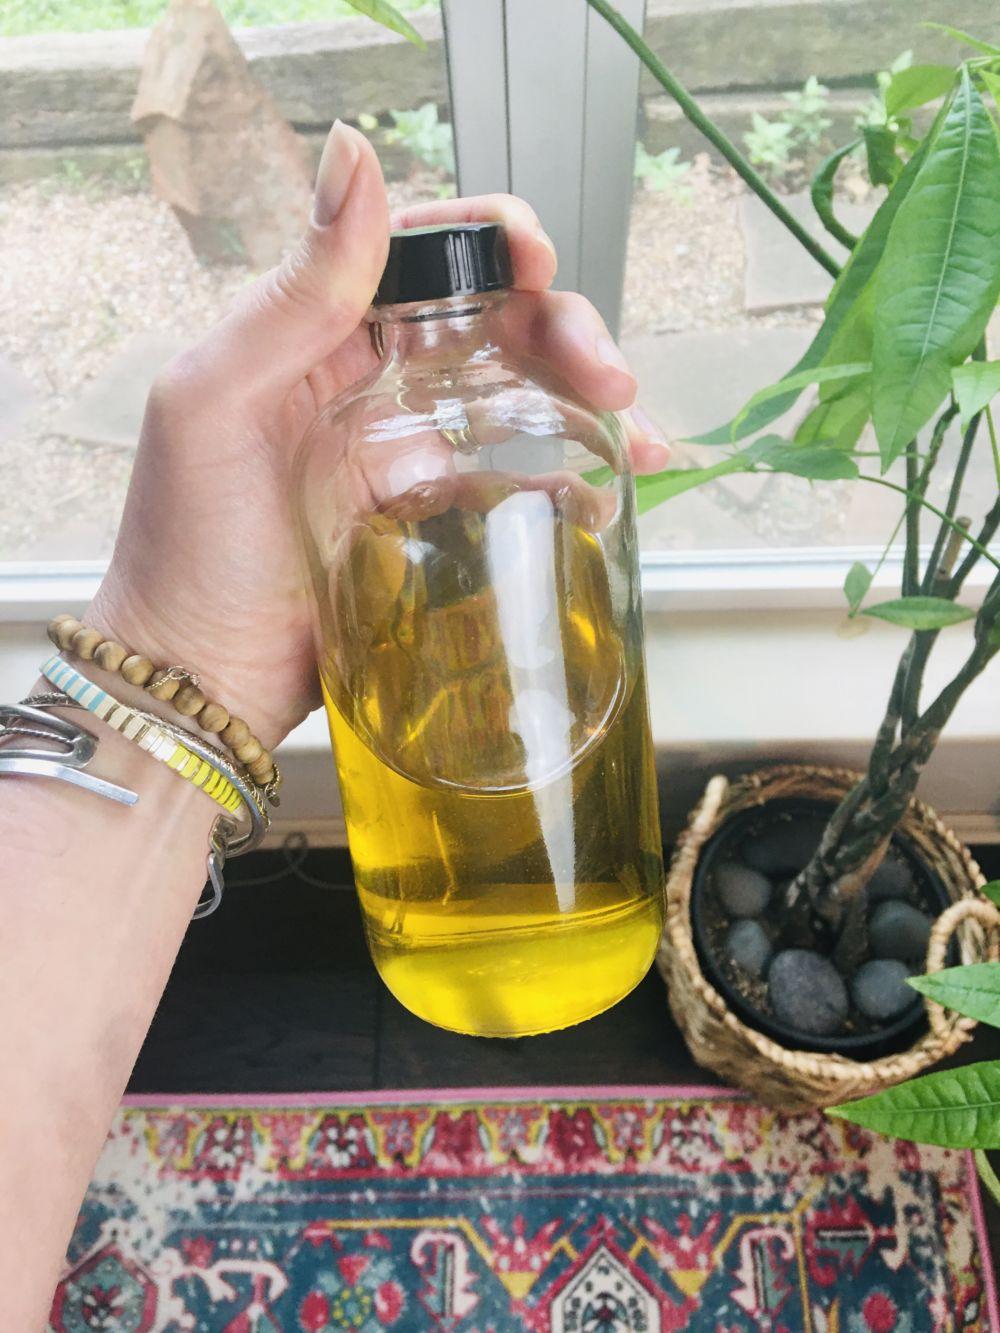 DIY Herb Infused Oil